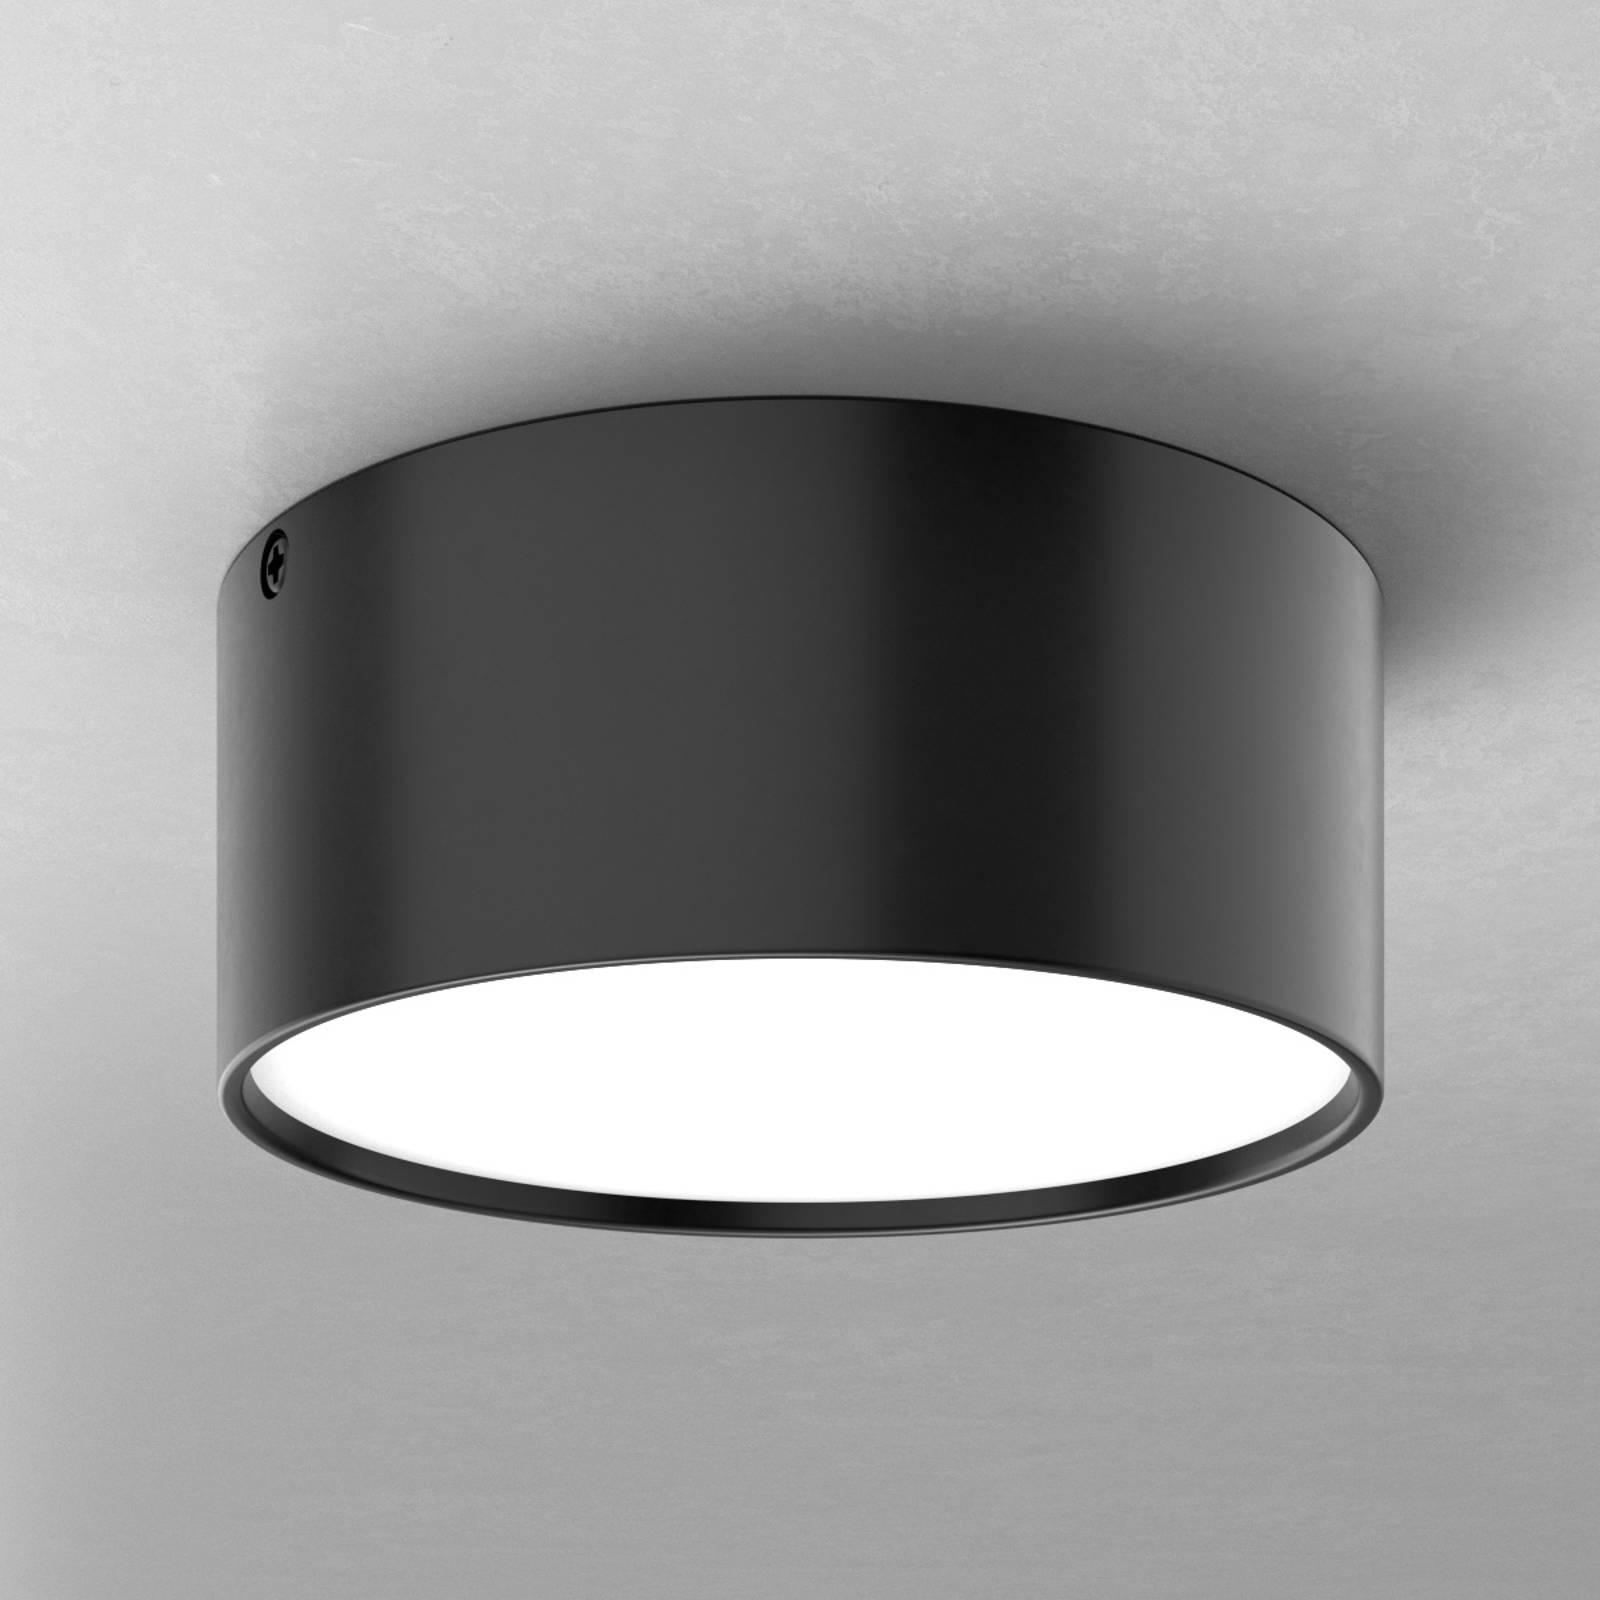 Tyylikäs LED-kattovalaisin Mine, musta 14 cm